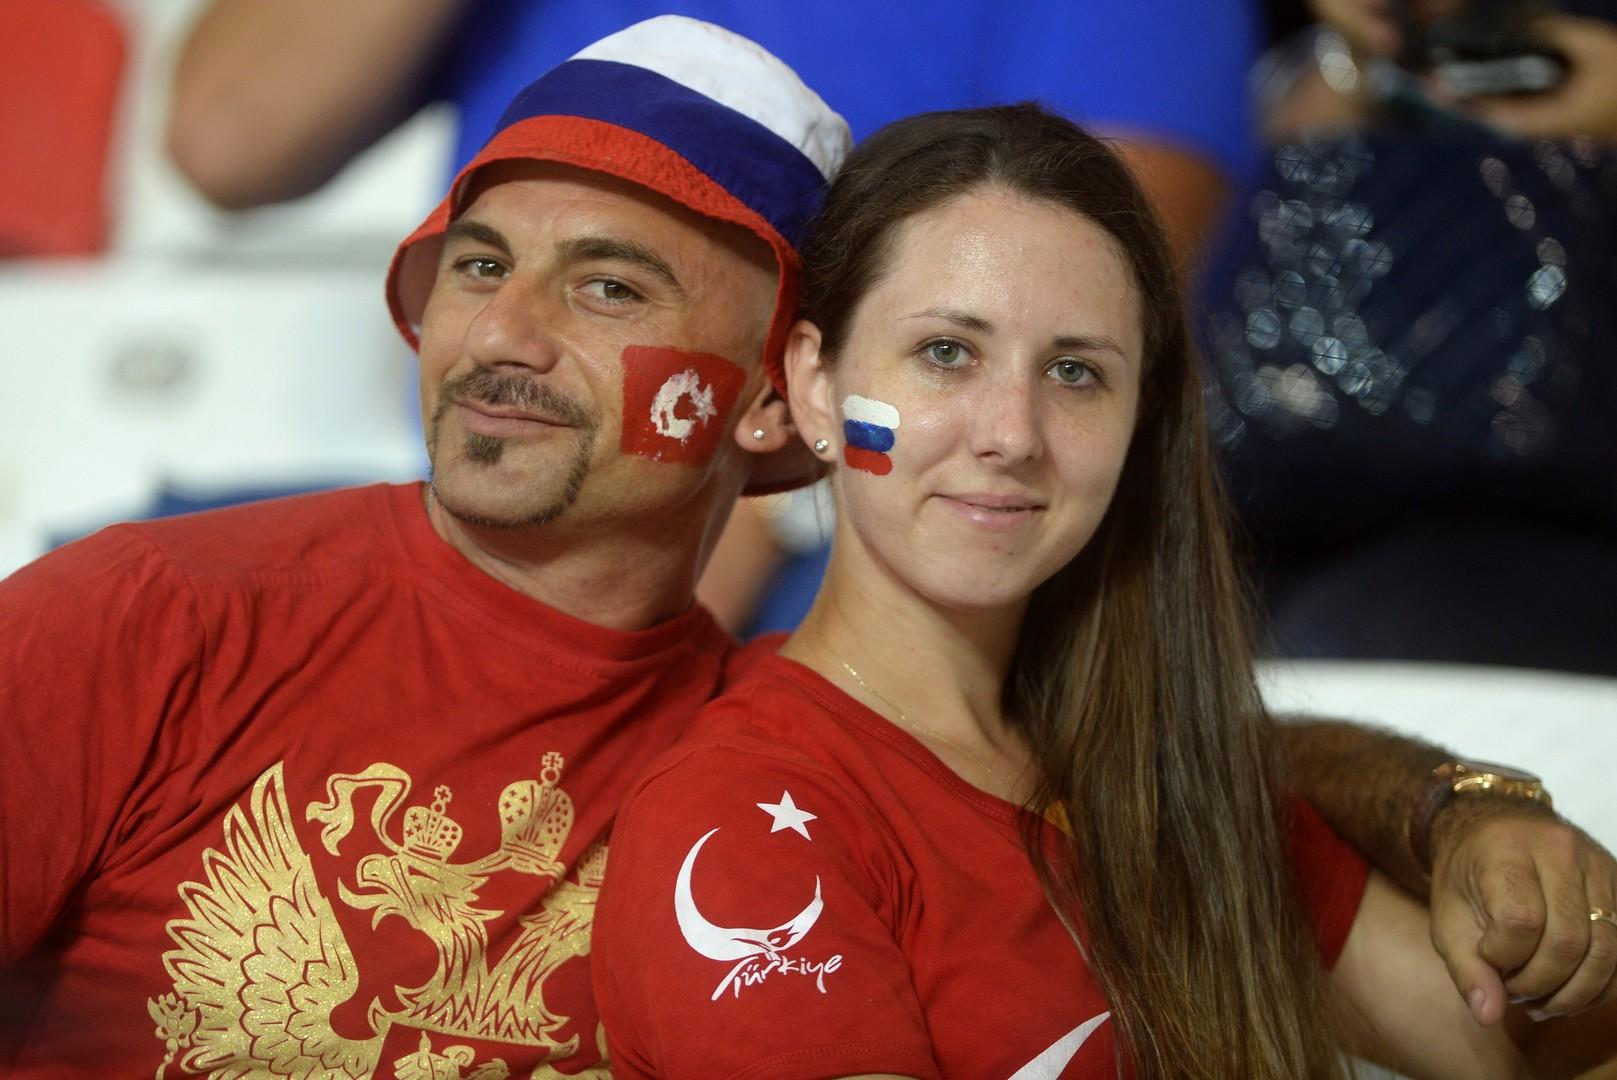 Russische Fußballfans